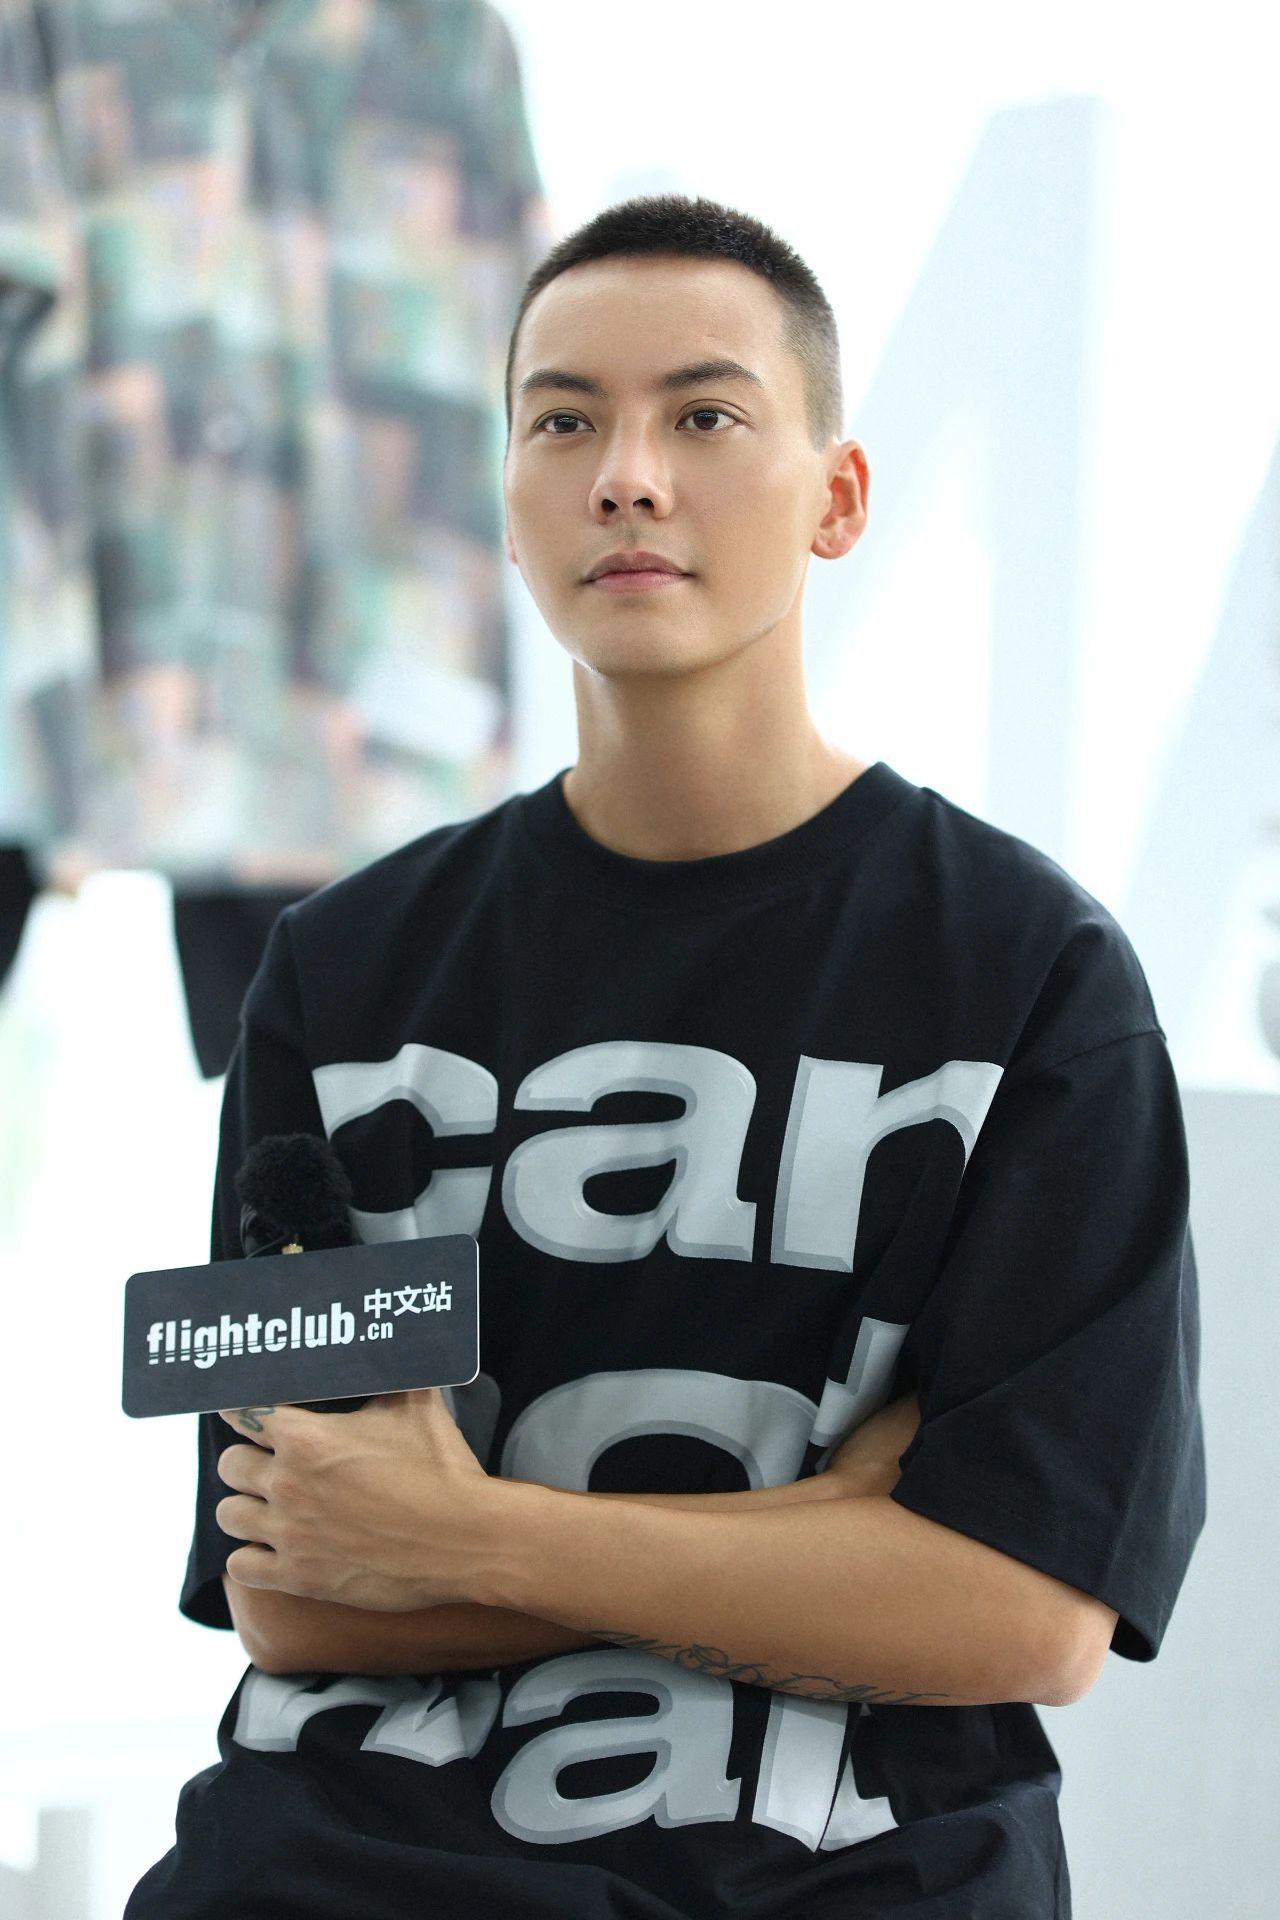 陈伟霆,CANOTWAIT,专访  今年最拼主理人!他的球鞋有消息了!本月无数人都冲着他去打卡!